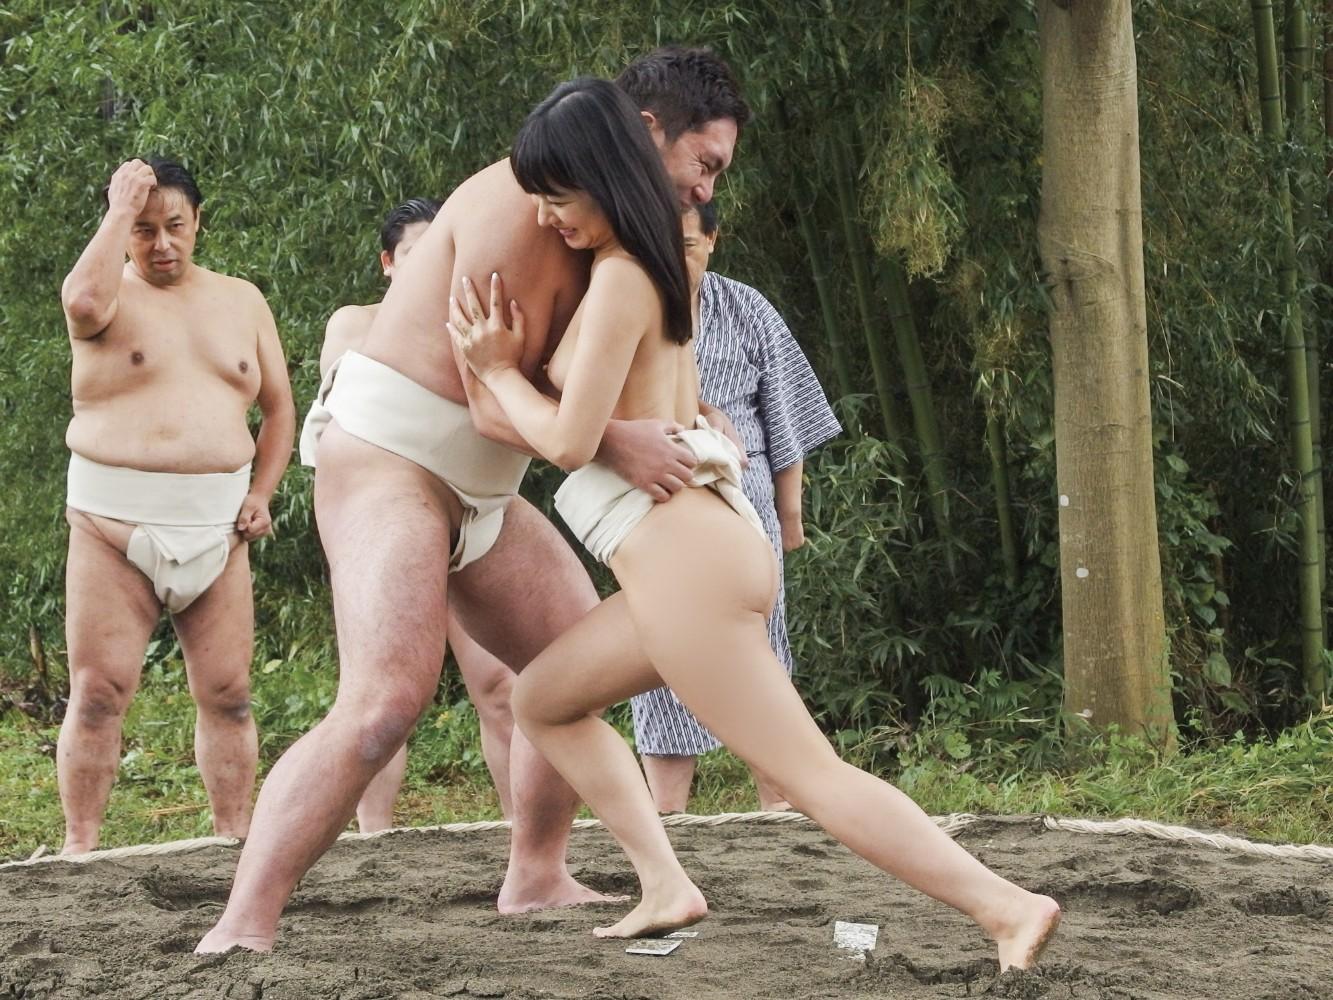 【超マニアック】女にふんどし一丁でガチンコ相撲やらせた結果wwwwwwwwwww・12枚目